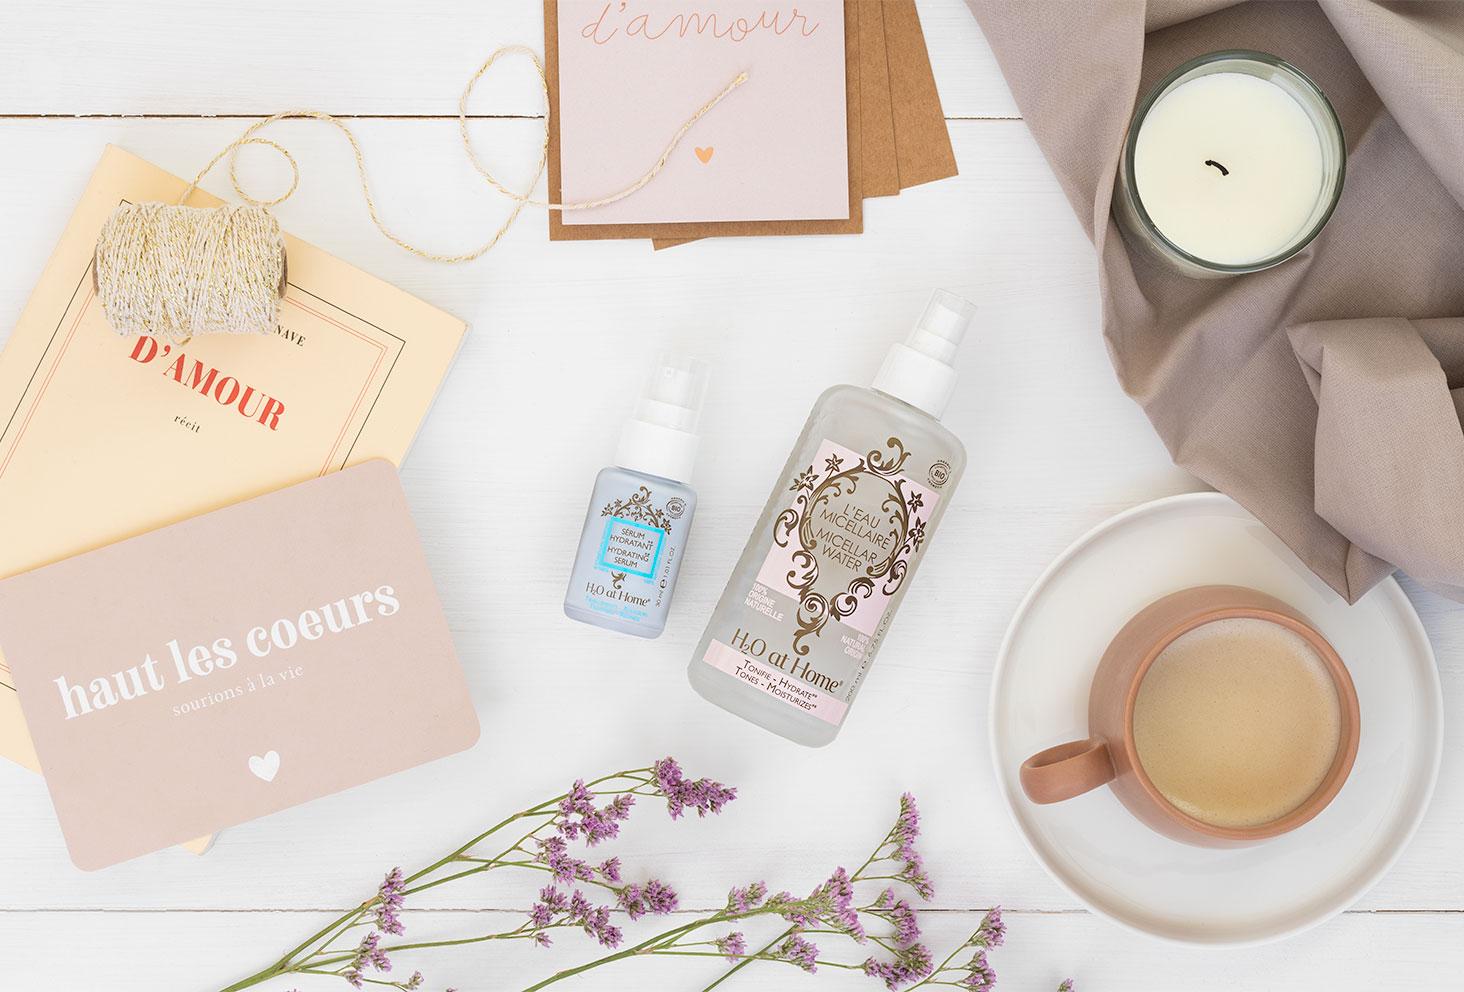 La gamme de produit bio H2bio de la marque H2O at Home, sur un fond blanc au milieu d'une ambiance lifestyle